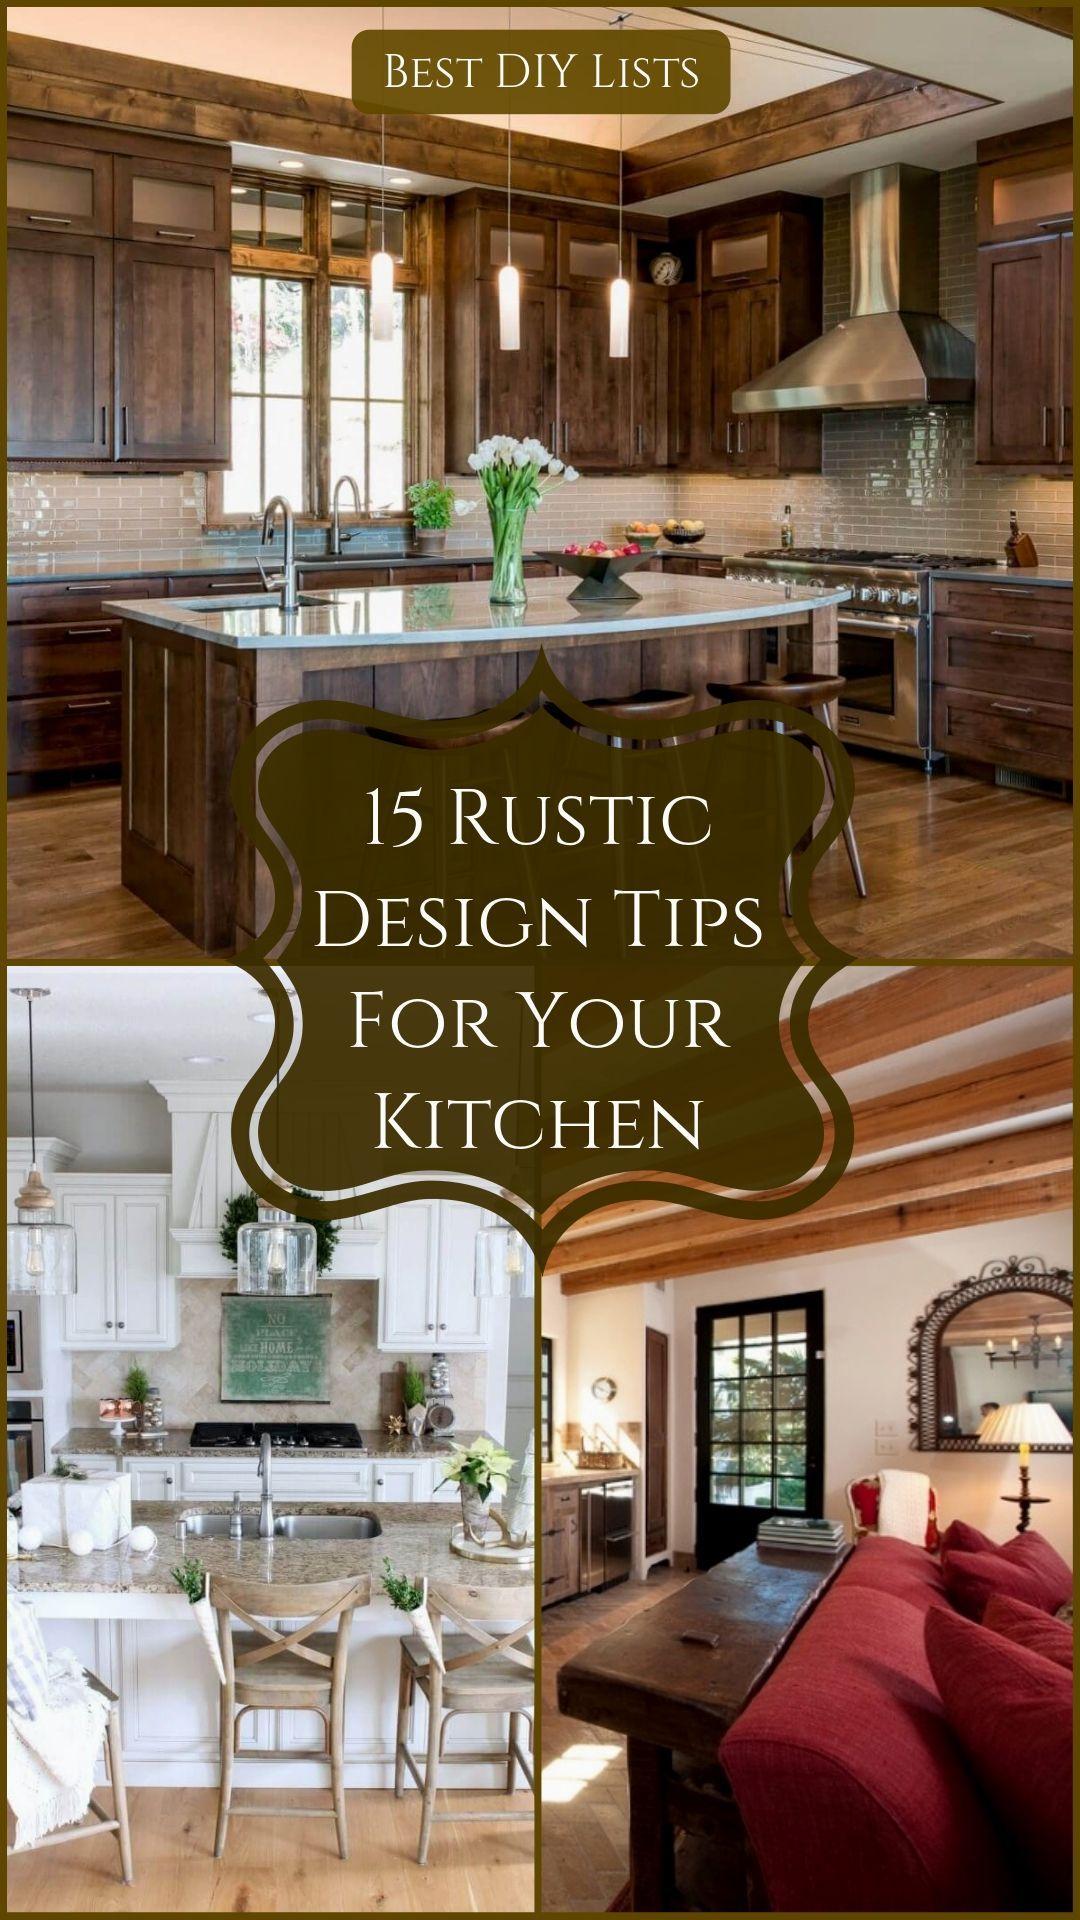 Affordable Kitchen RemodelRustic Kitchen Decoration Ideas #rustickitchen #kitchen #kitchendecor #kitchenremodel #homedecor #kitchenremodeling